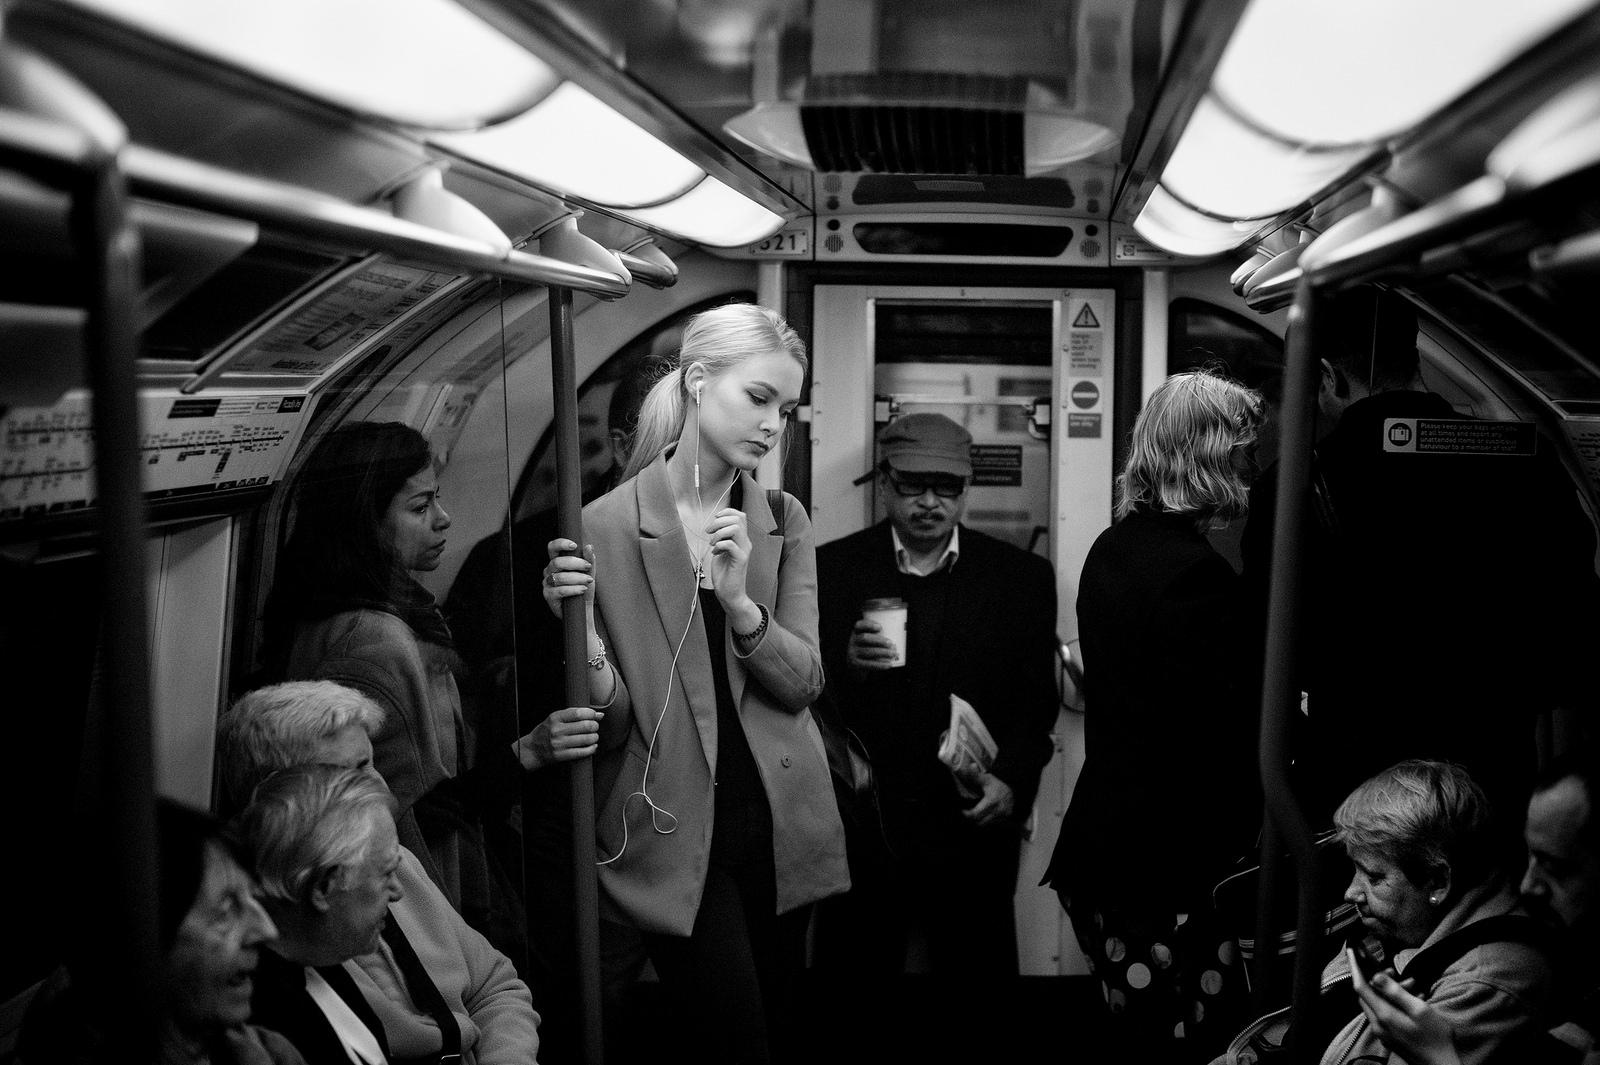 loneliness-in-london-alan-schaller-03